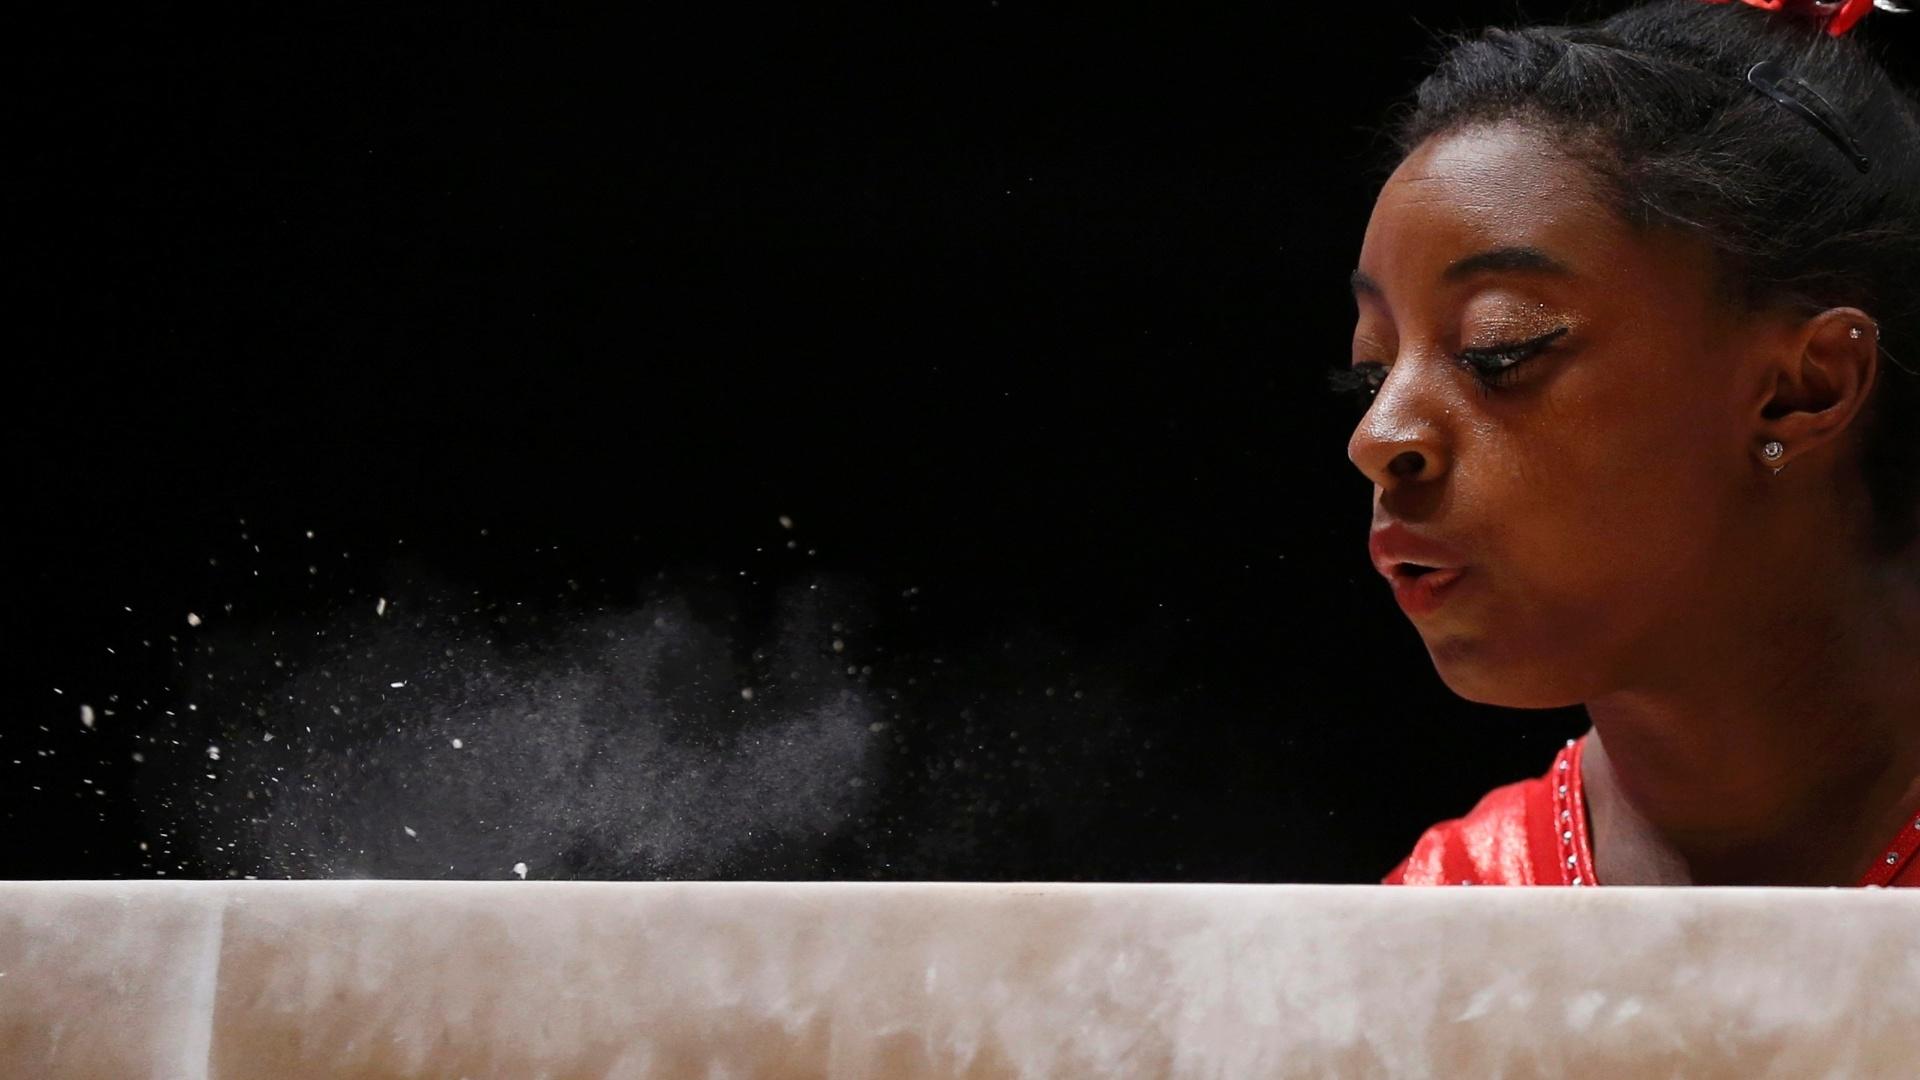 Simone Biles, dos EUA, assopra o giz da trave antes da sua apresentação no Mundial de ginástica